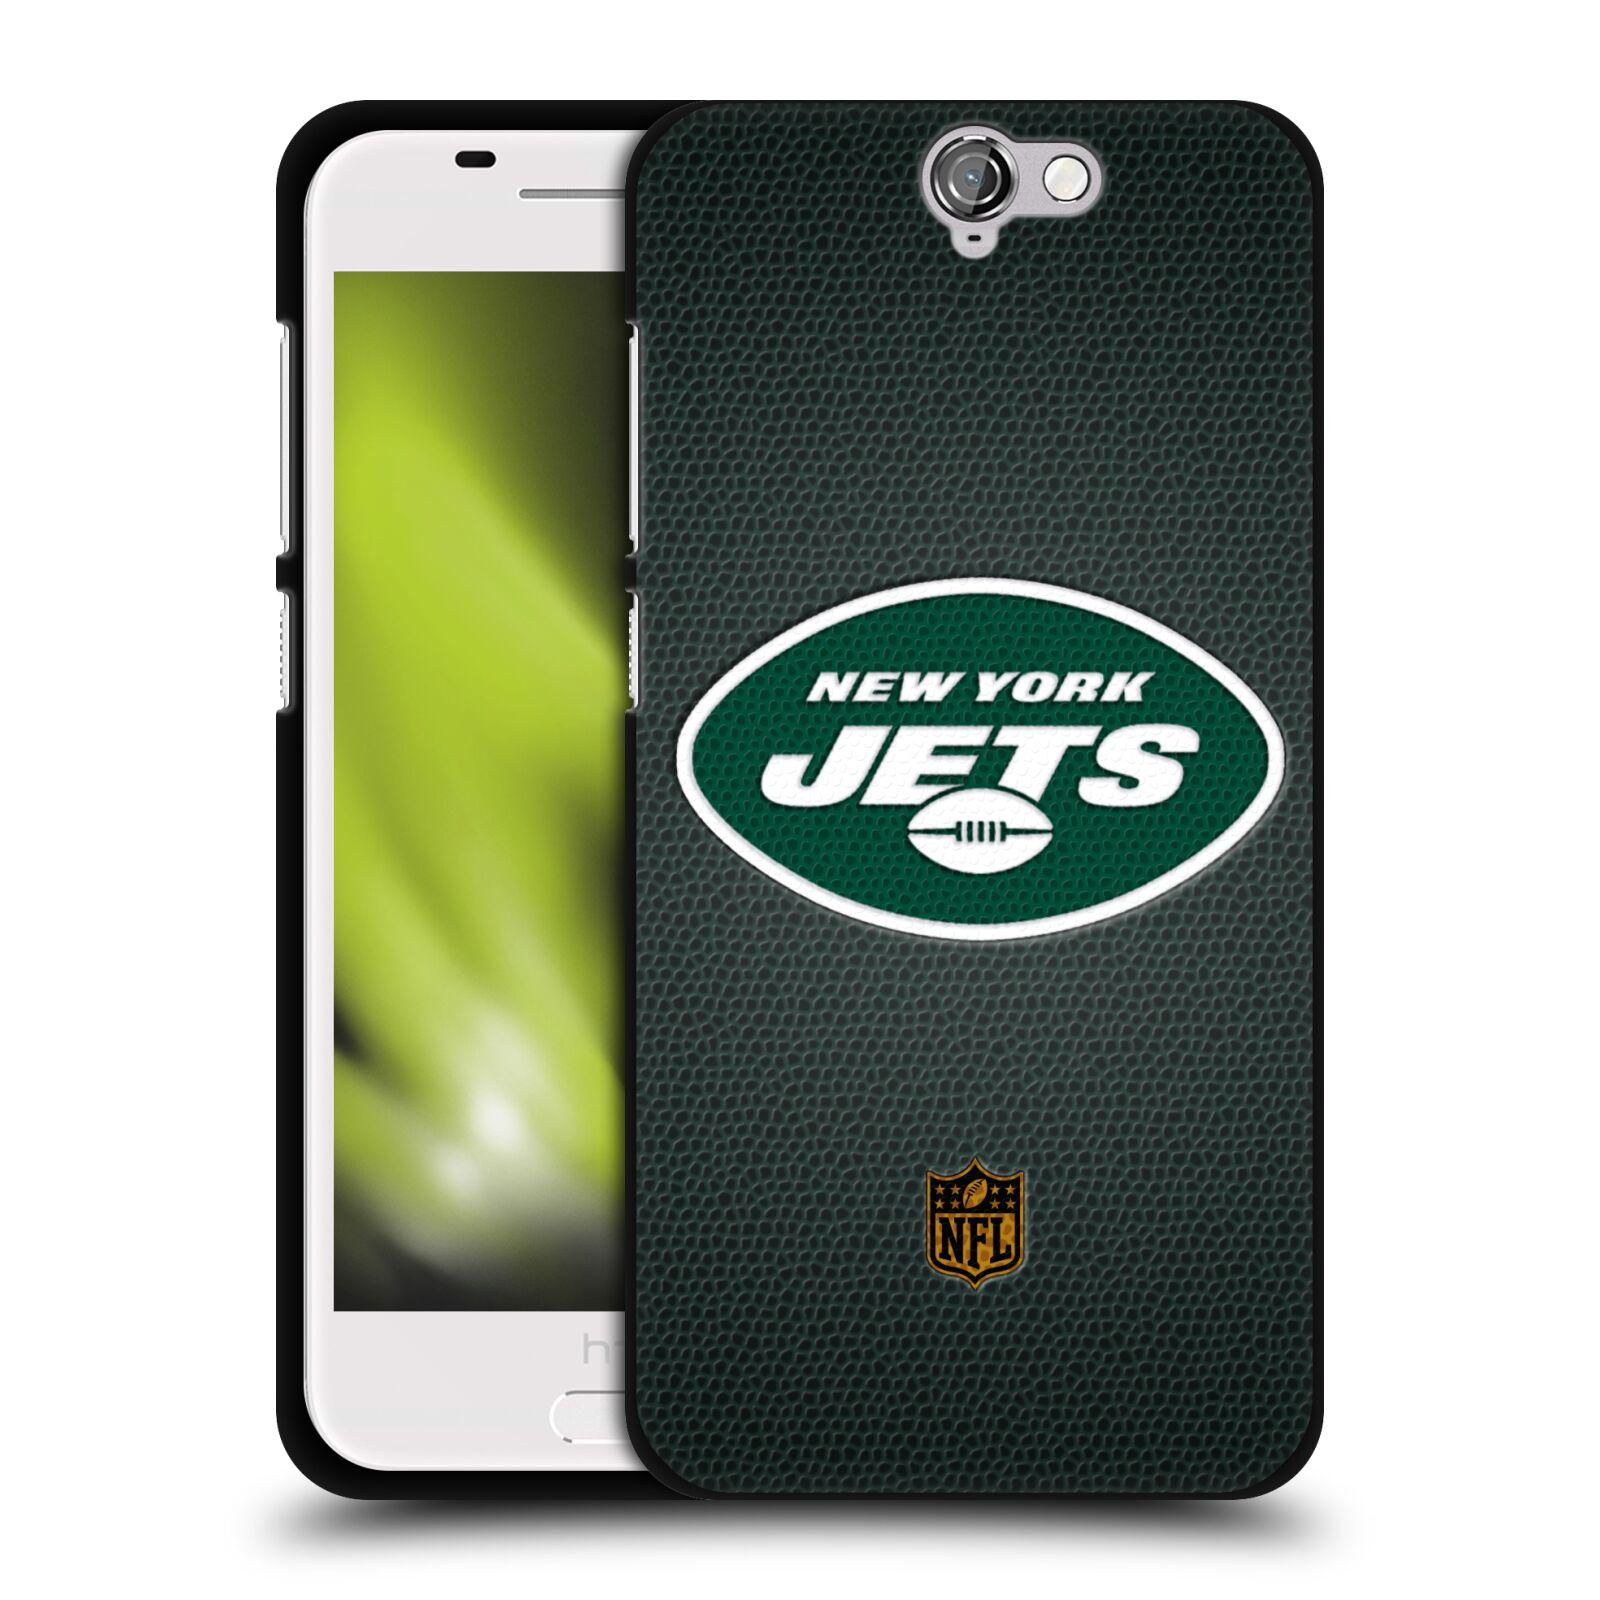 OFFICIAL-NFL-NEW-YORK-JETS-LOGO-BLACK-SOFT-GEL-CASE-FOR-HTC-PHONES